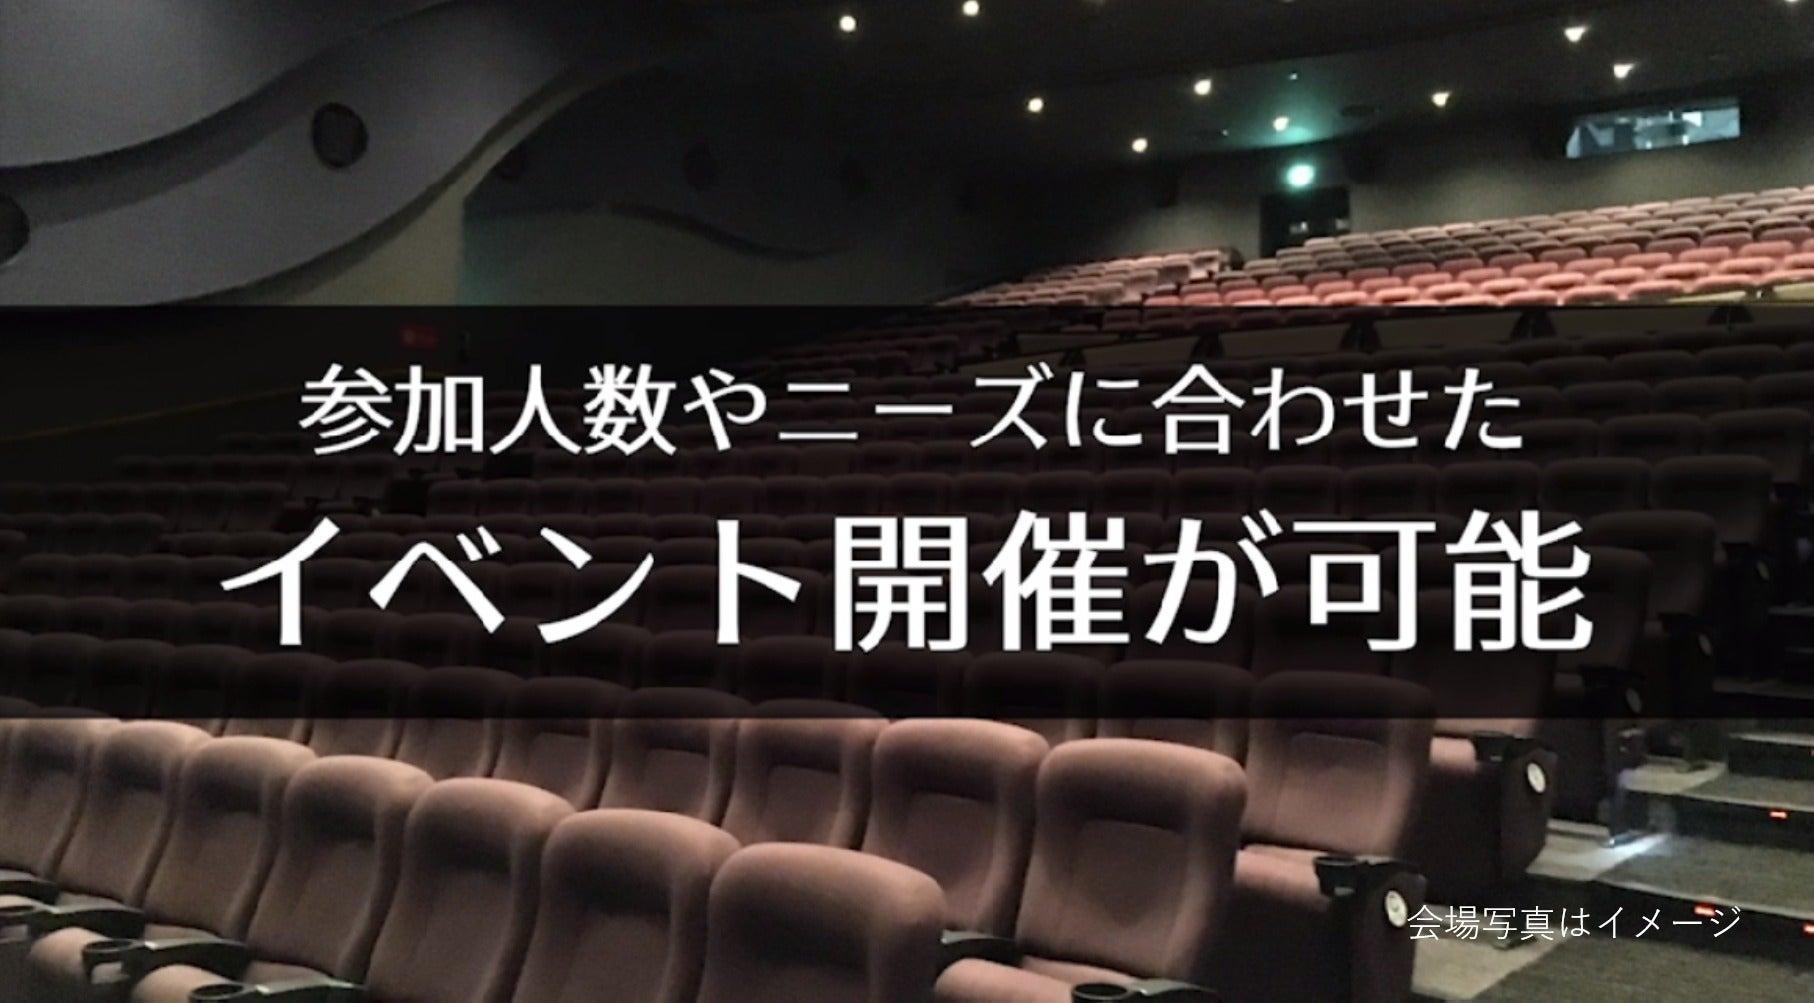 【橿原 322席】映画館で、会社説明会、株主総会、講演会の企画はいかがですか?(ユナイテッド・シネマ橿原) の写真0